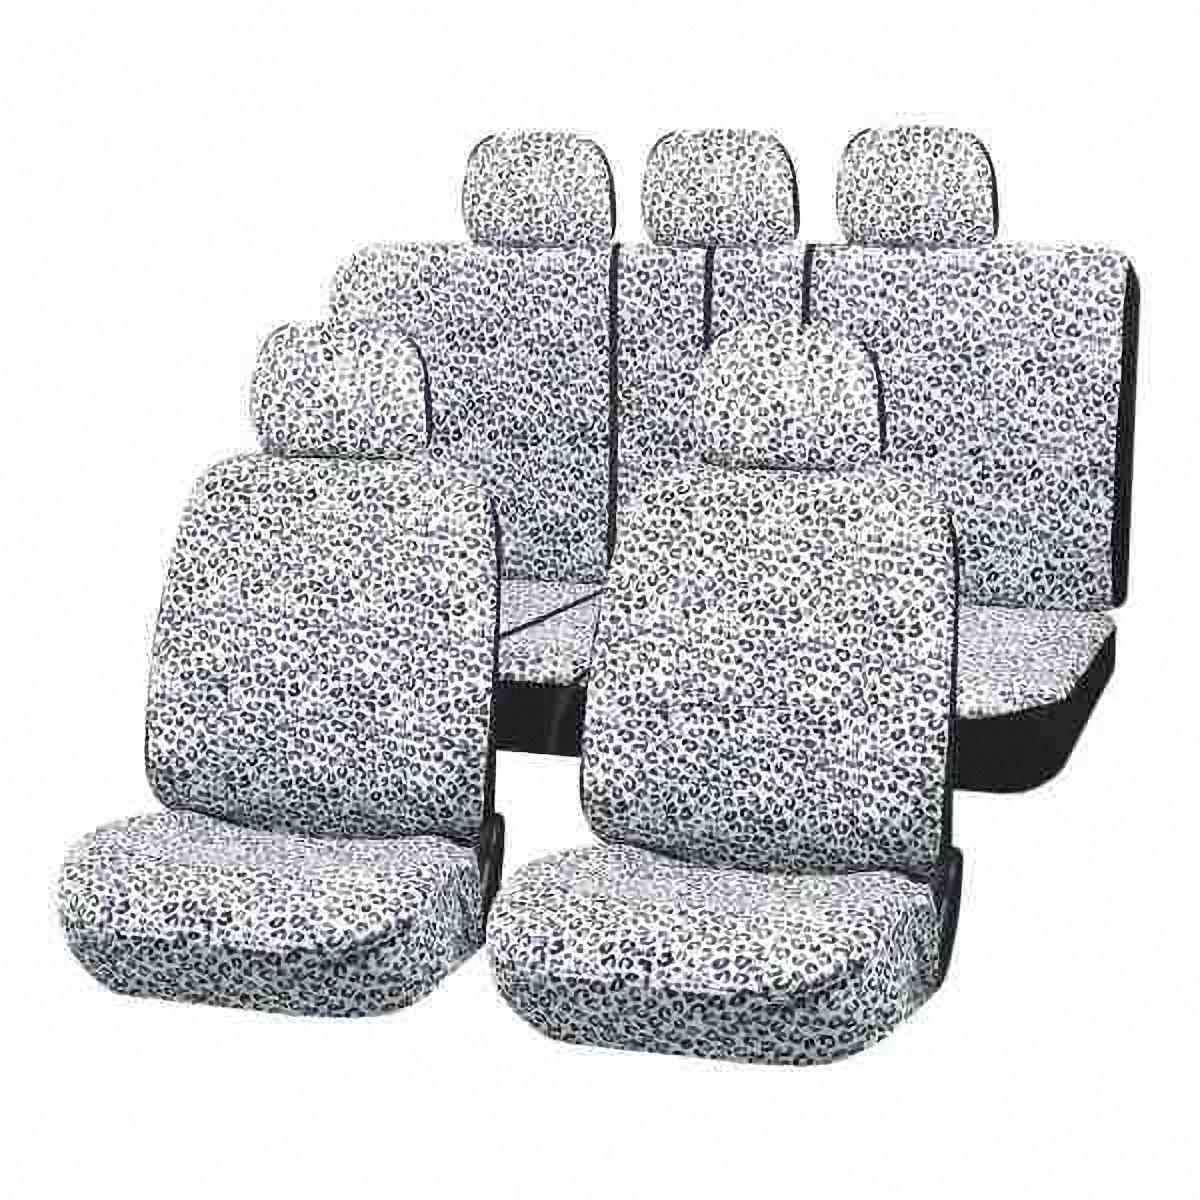 Чехол на сиденье Skyway, 11 предметов. S01301085S01301085Комплект чехлов на сиденья Skyway выполнен из вельвета. Многослойная структура изделия и спинка из тонкой тянущейся ткани позволяют максимально точно повторять контур сидений, делая чехлы универсальными. Крепятся при помощи резинок. В спинках передних сидений имеется удобный карман. Чехлы разделены на 2 части для удобства одевания. Специальные молнии на чехлах задних сидений позволяют использовать подлокотник.В комплект входит 11 предметов на все элементы передних и задних сидений.